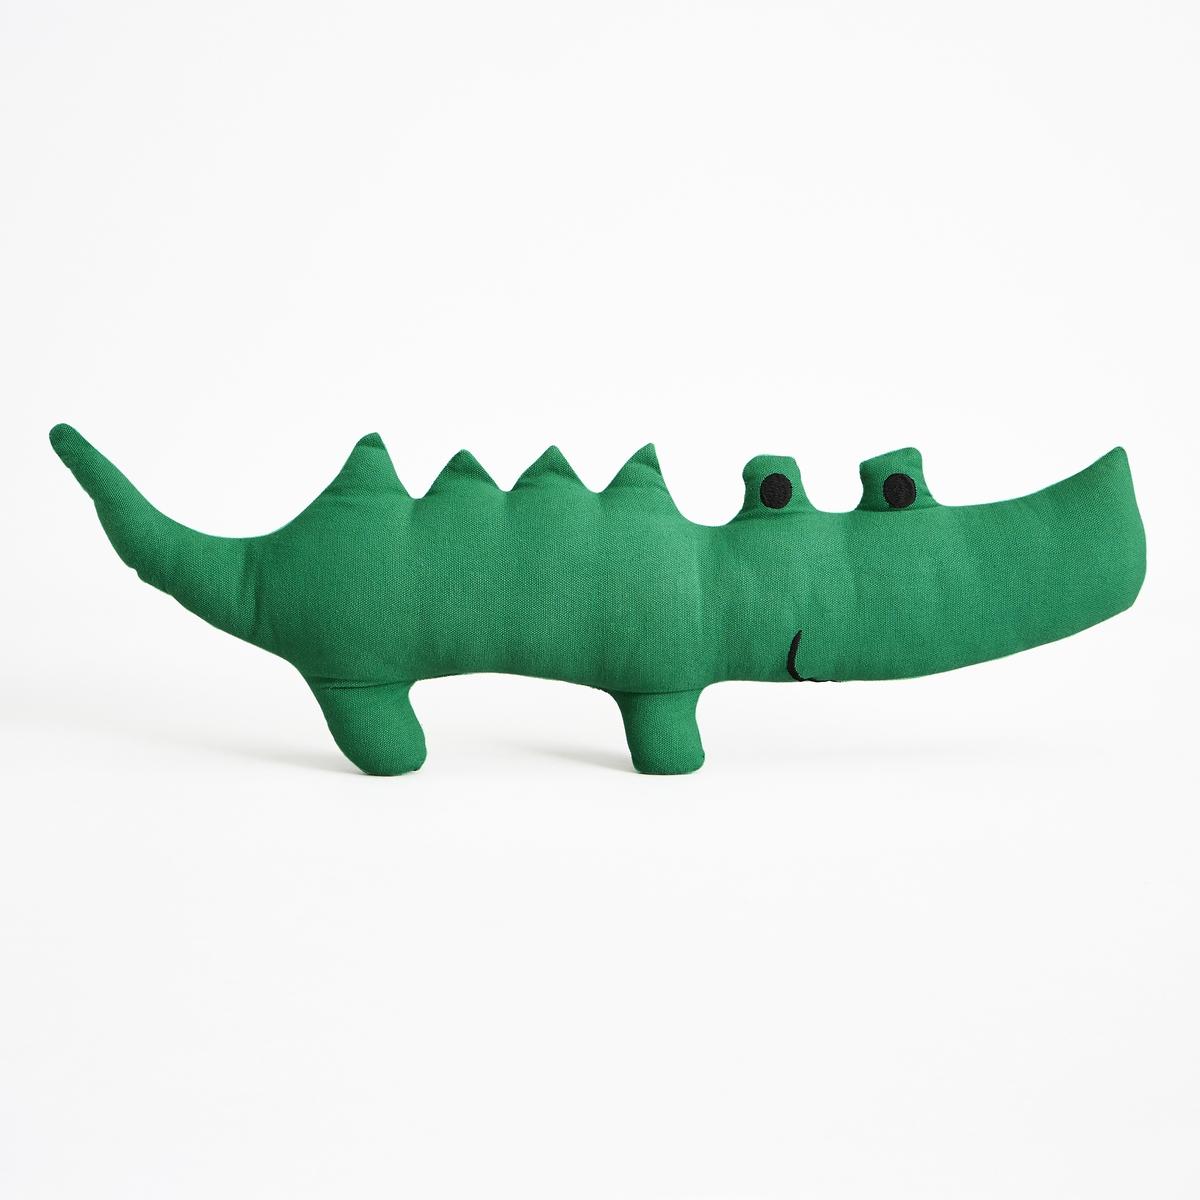 Подушка в форме крокодила PachecoХарактеристики :- Покрытие из 100% хлопка с элементами вышивки- Наполнитель 100% полиэстер- Стирка при 40°C Размеры :- Д65 x В12 x Г7 см<br><br>Цвет: зеленый